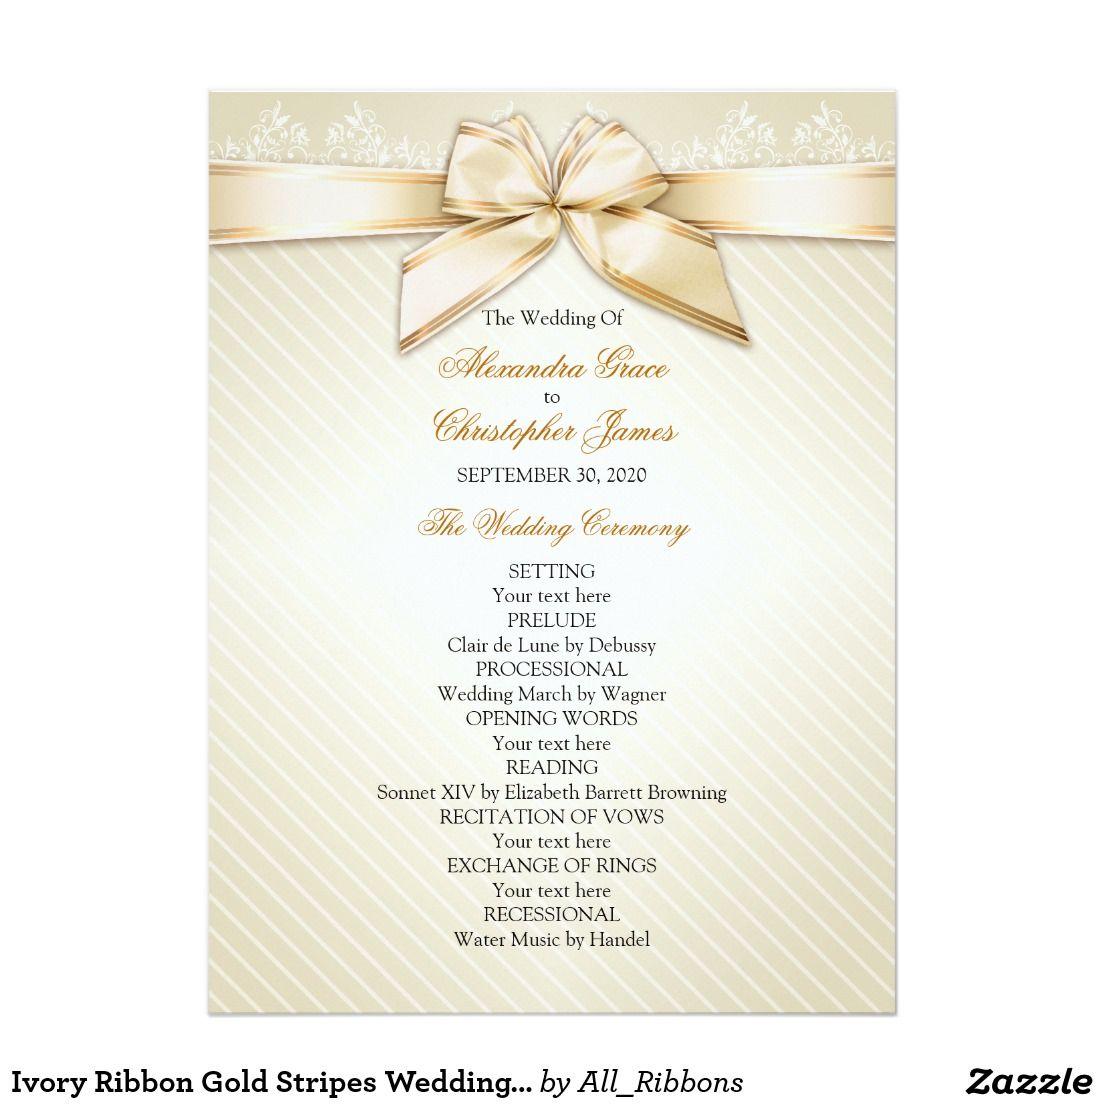 Ivory Ribbon Gold Stripes Wedding Program | Gold stripes, Wedding ...